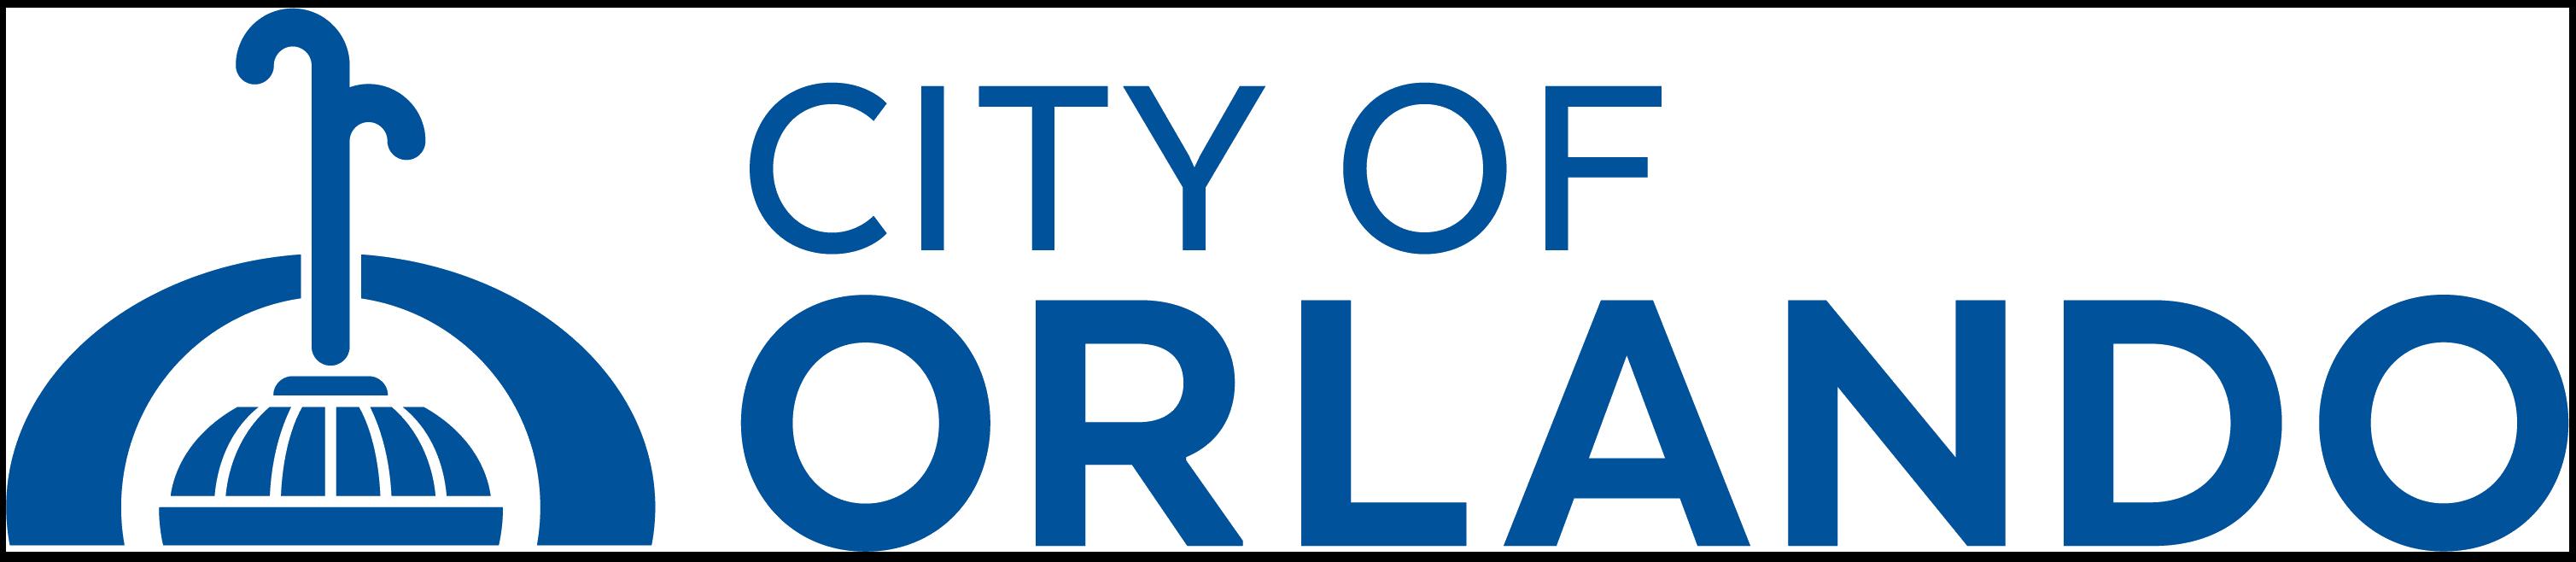 City-of-Orlando-logo.png